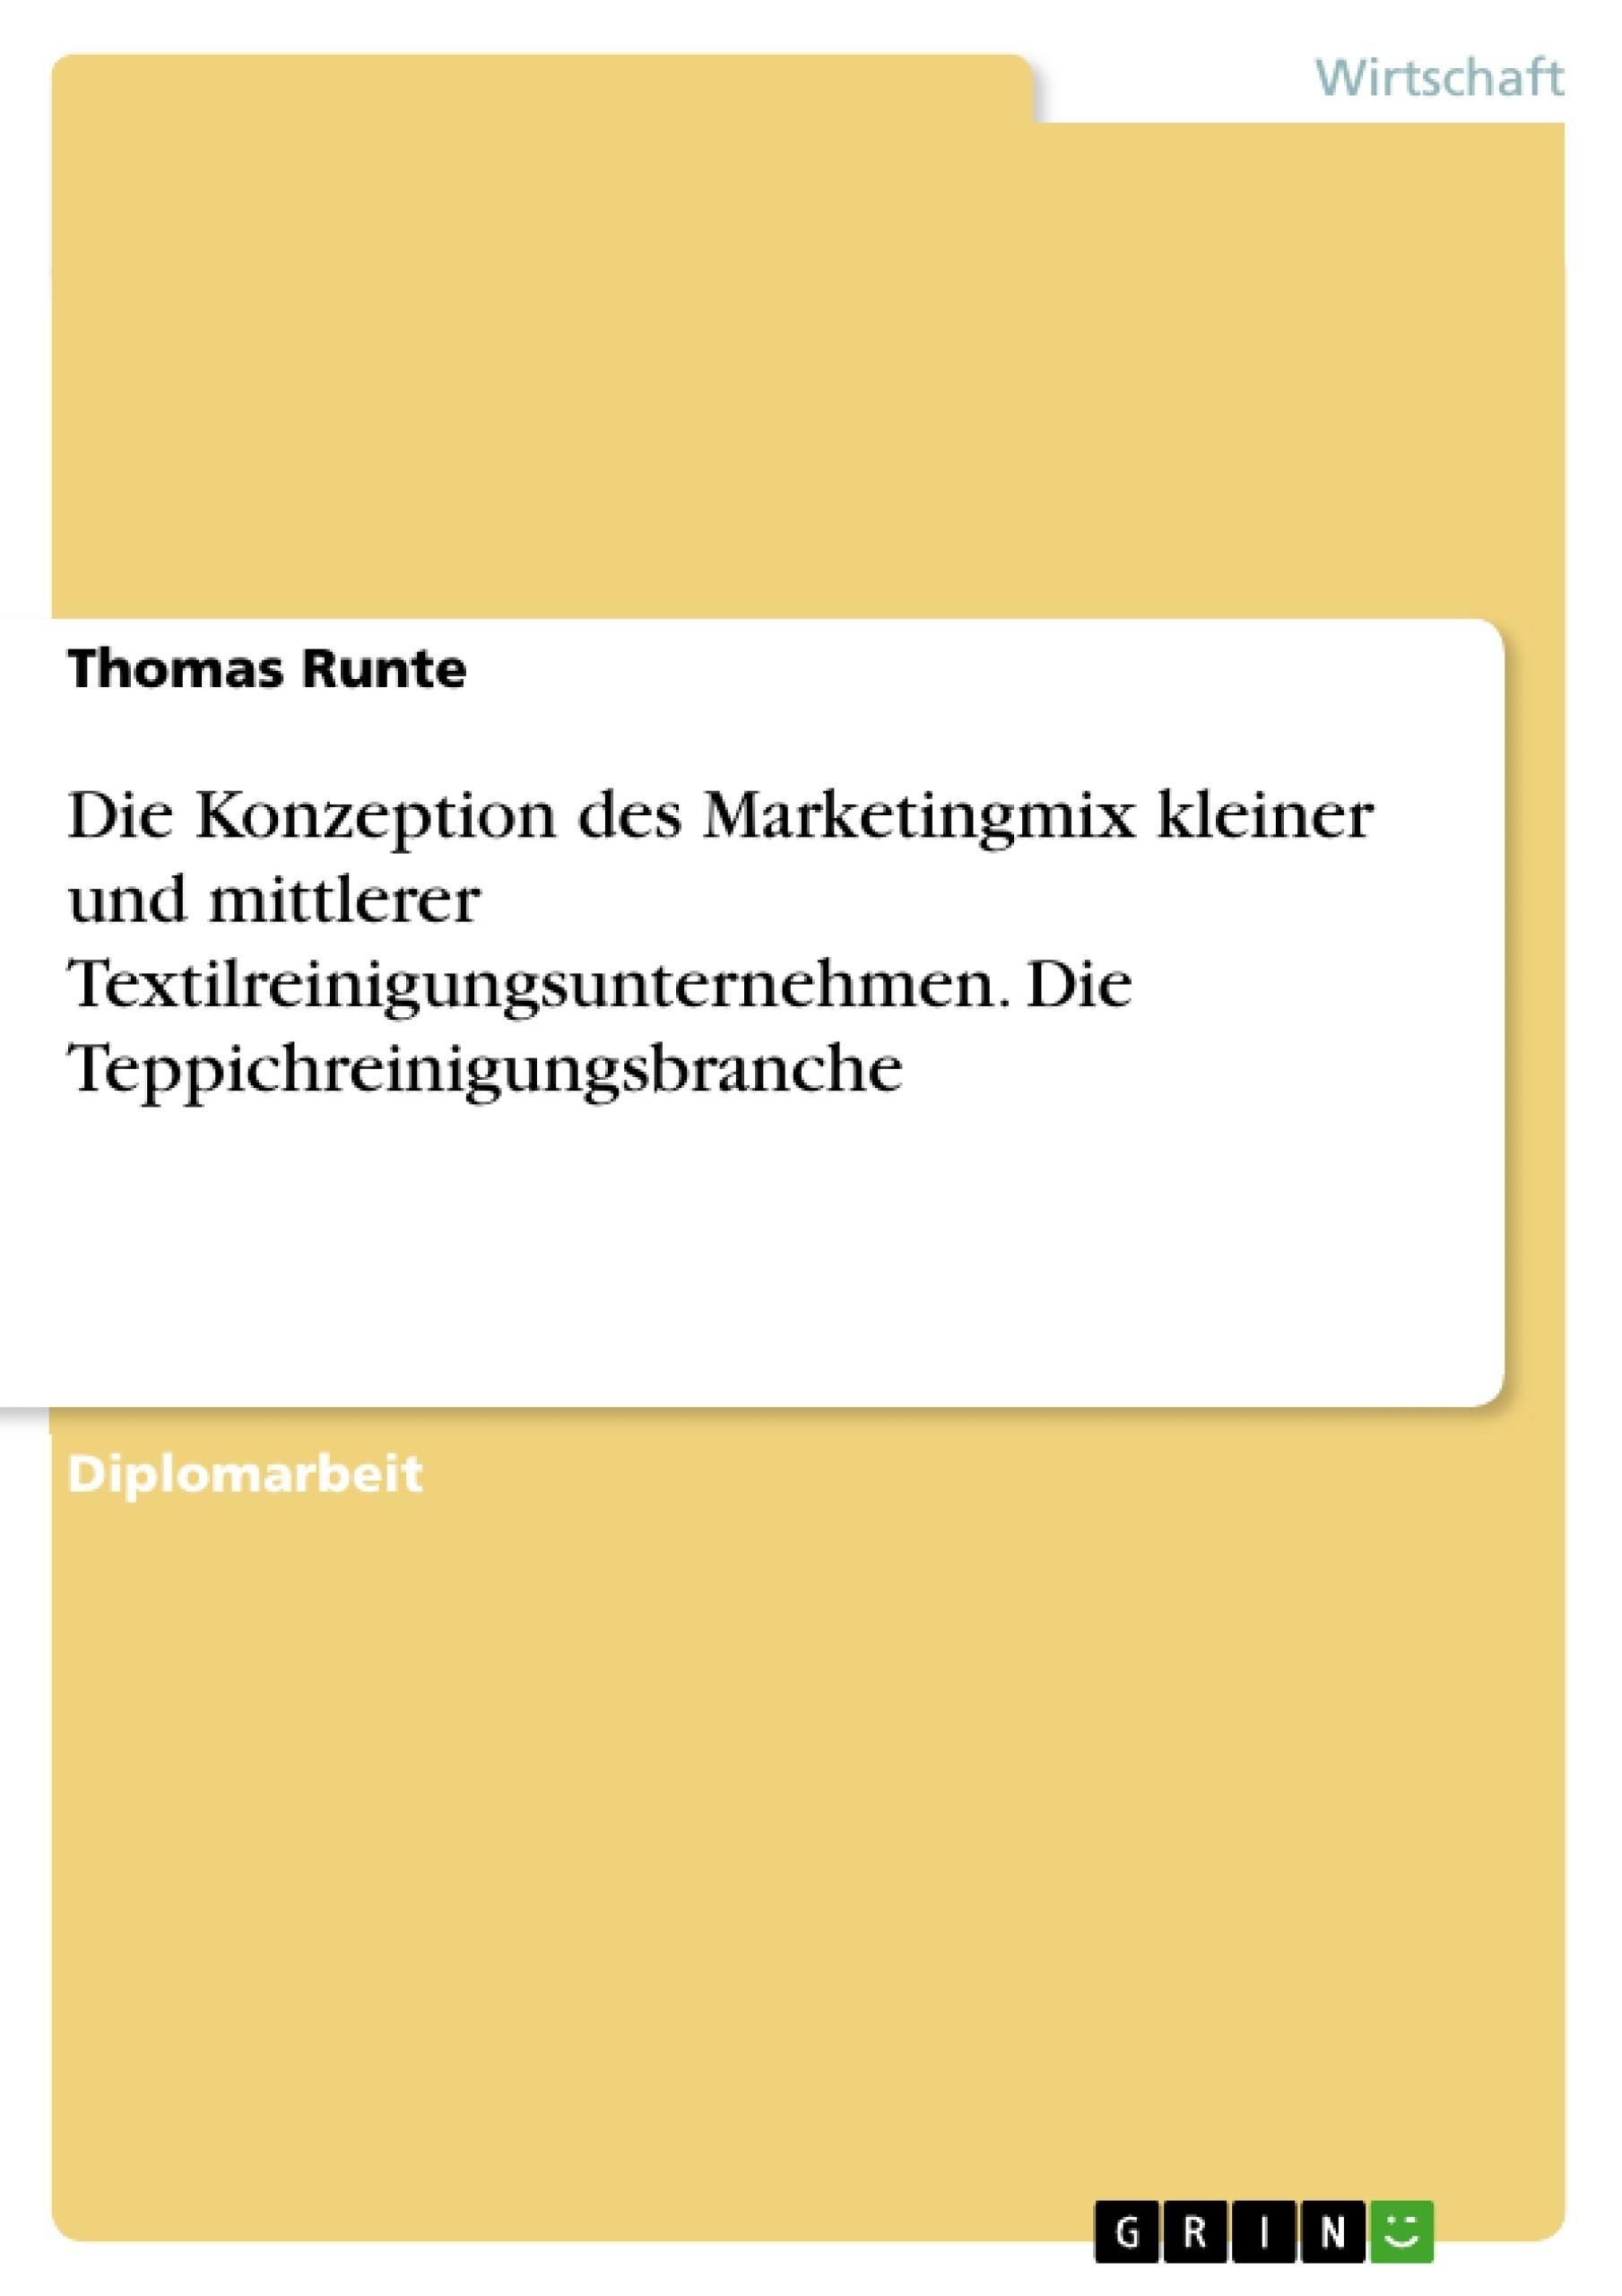 Titel: Die Konzeption des Marketingmix kleiner und mittlerer Textilreinigungsunternehmen. Die Teppichreinigungsbranche